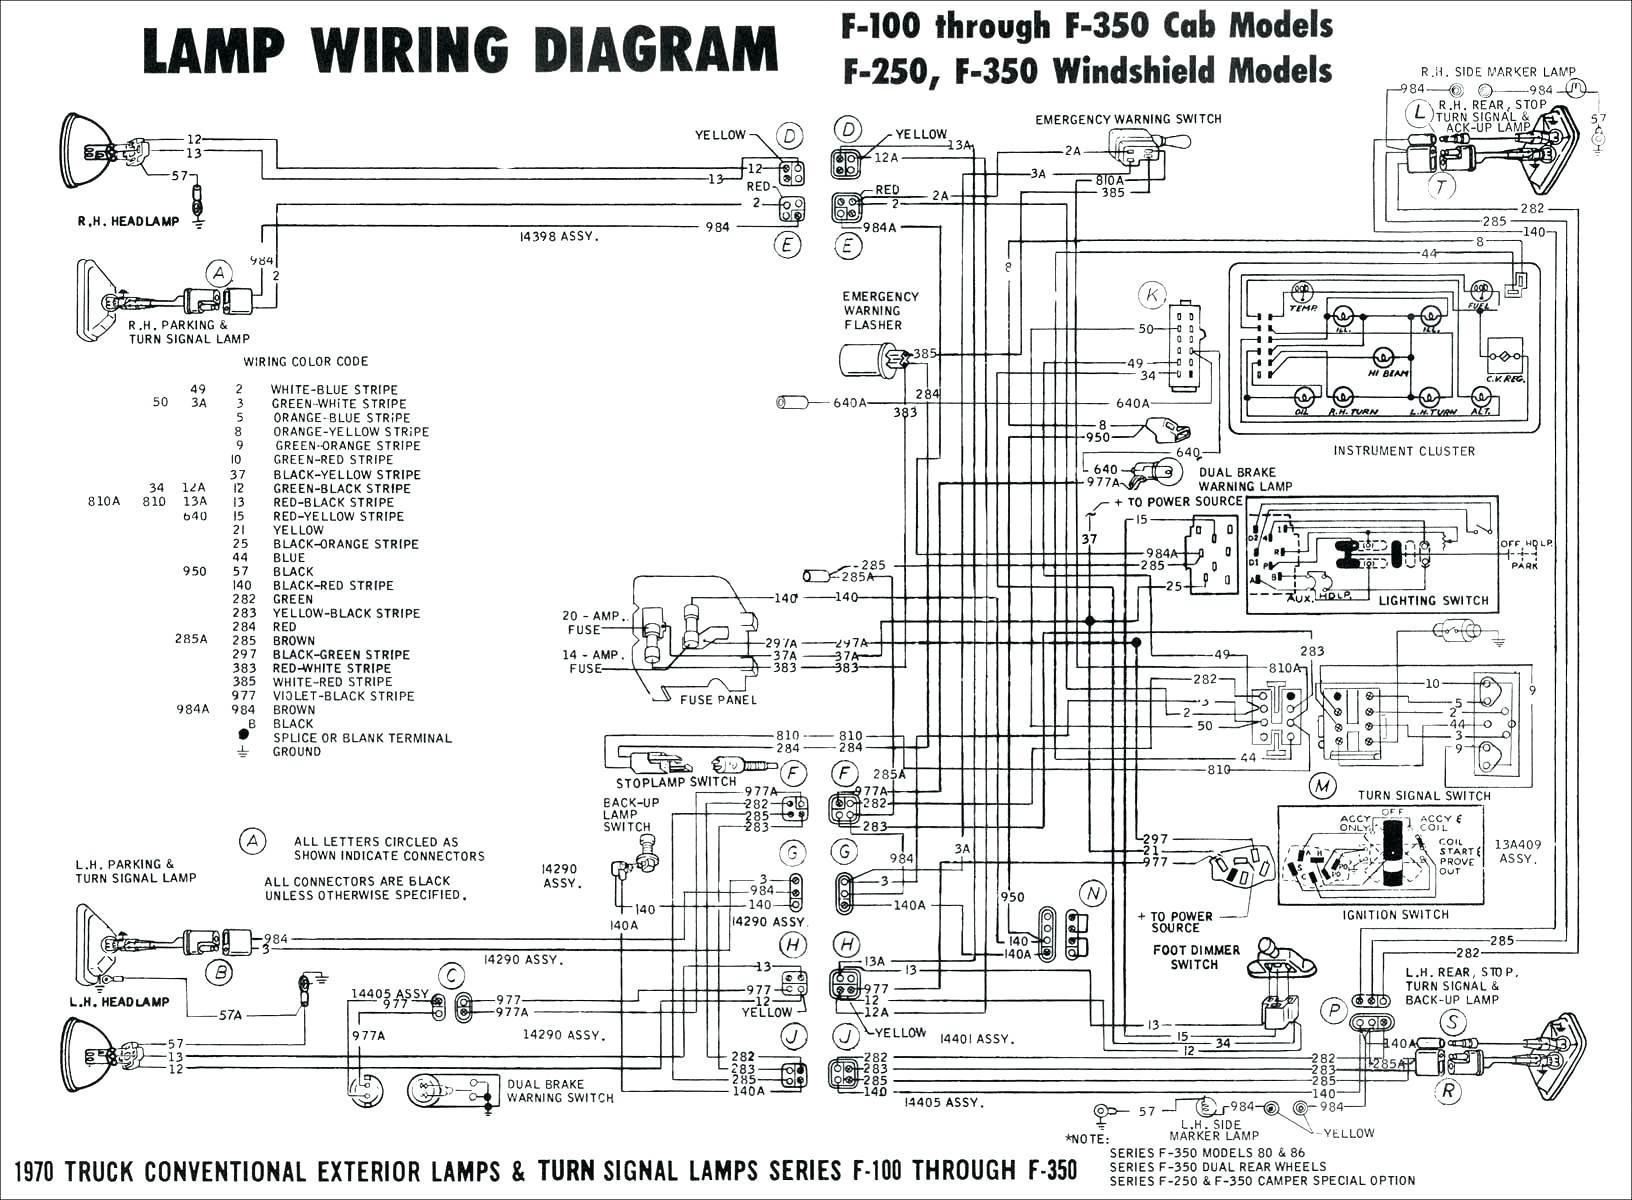 2001 Honda Civic Ex Engine Diagram Wiring Diagram for 2001 Honda Civic Free About Wiring Diagram and Of 2001 Honda Civic Ex Engine Diagram